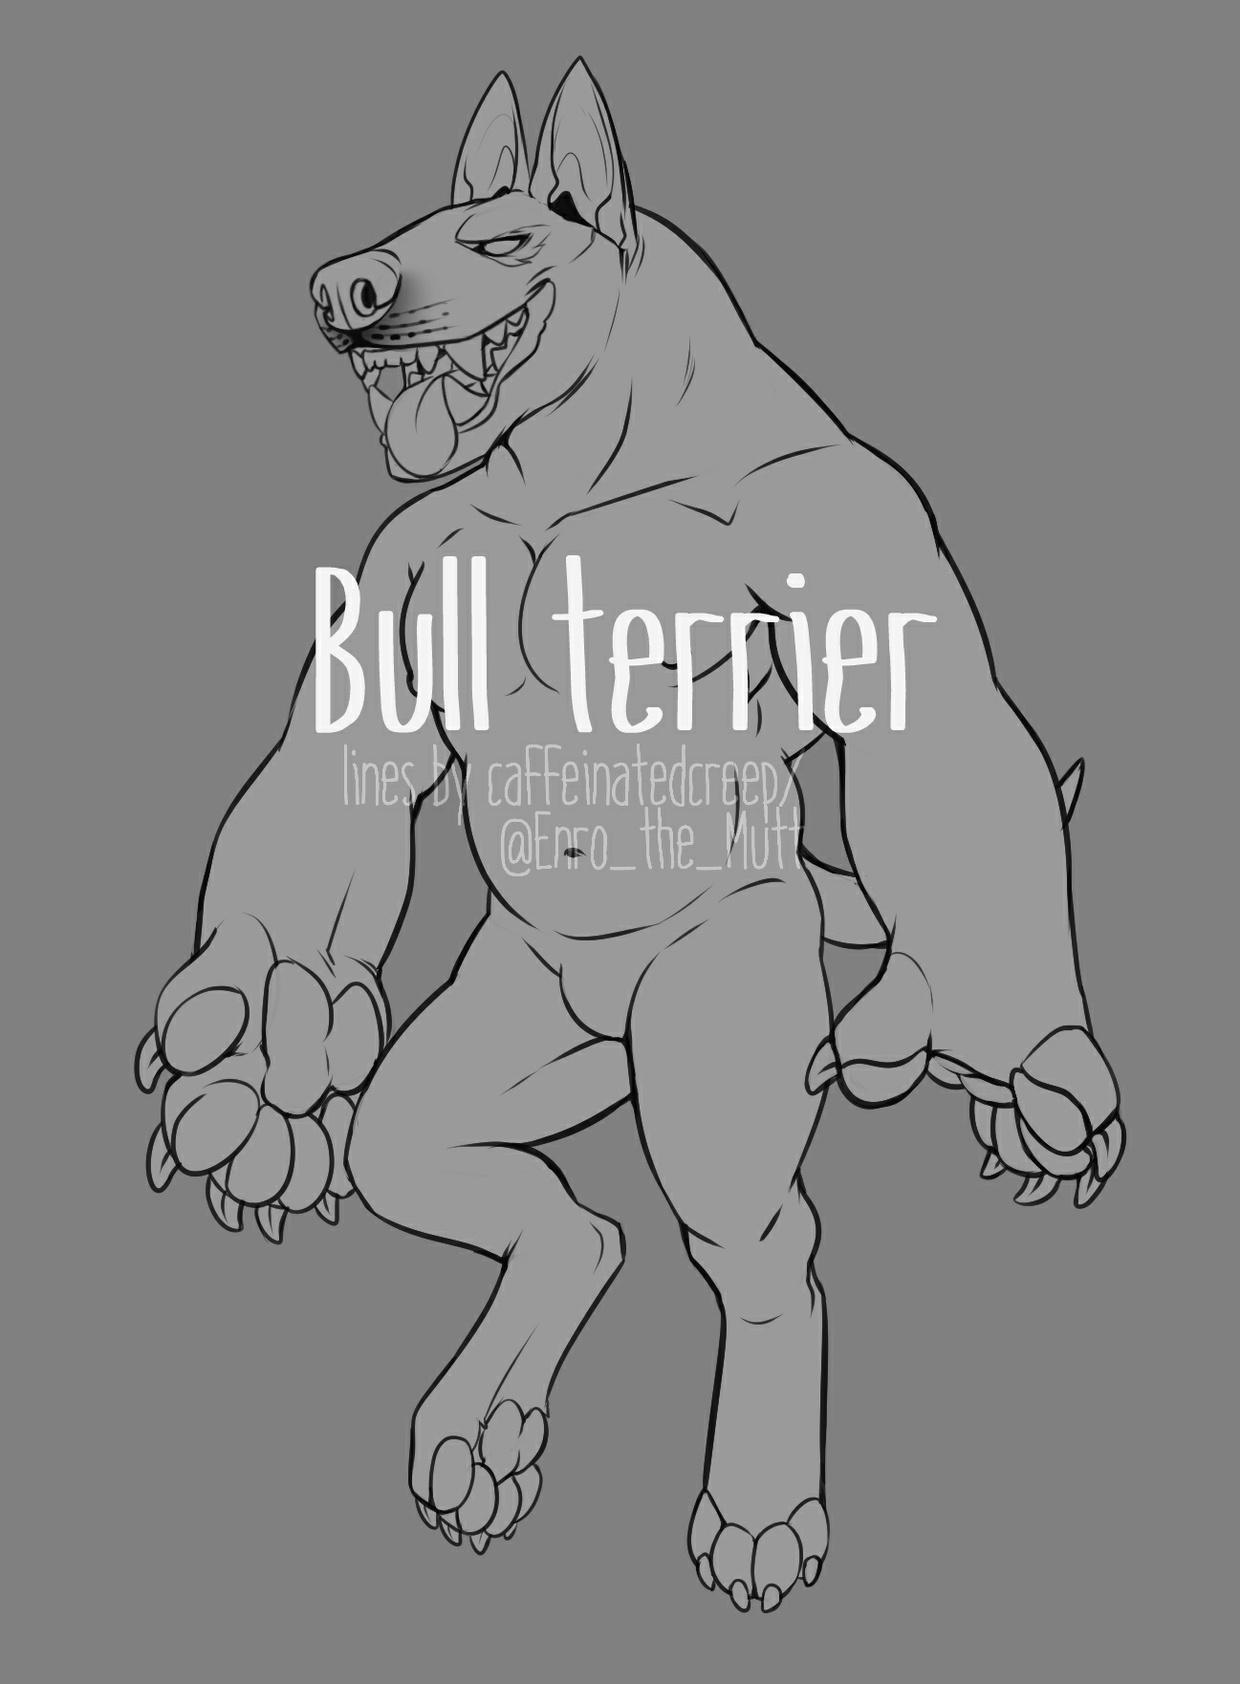 Bull Terrier base